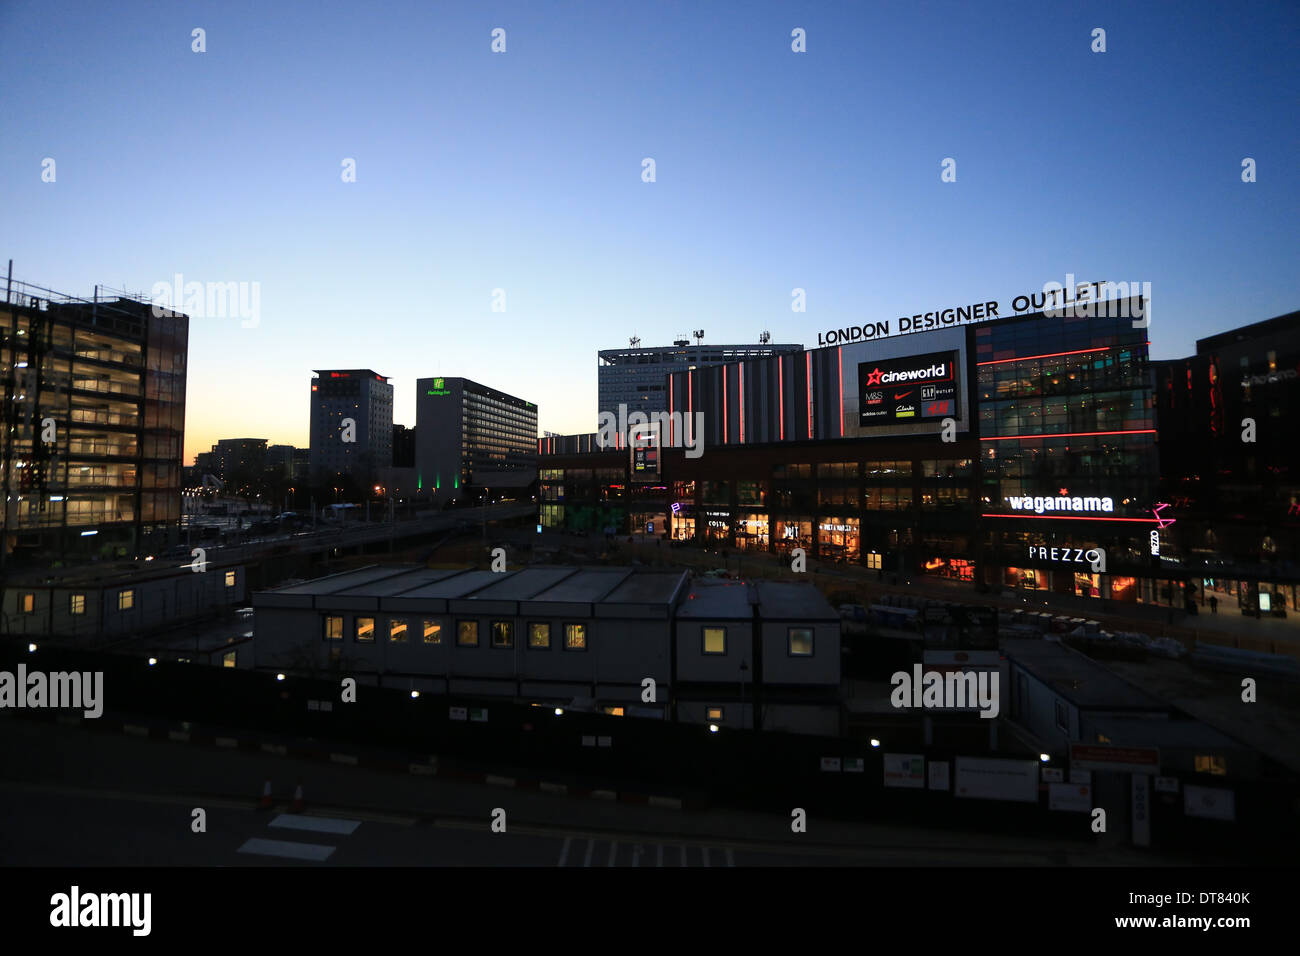 London Designer Outlet, Wembley Park - Stock Image